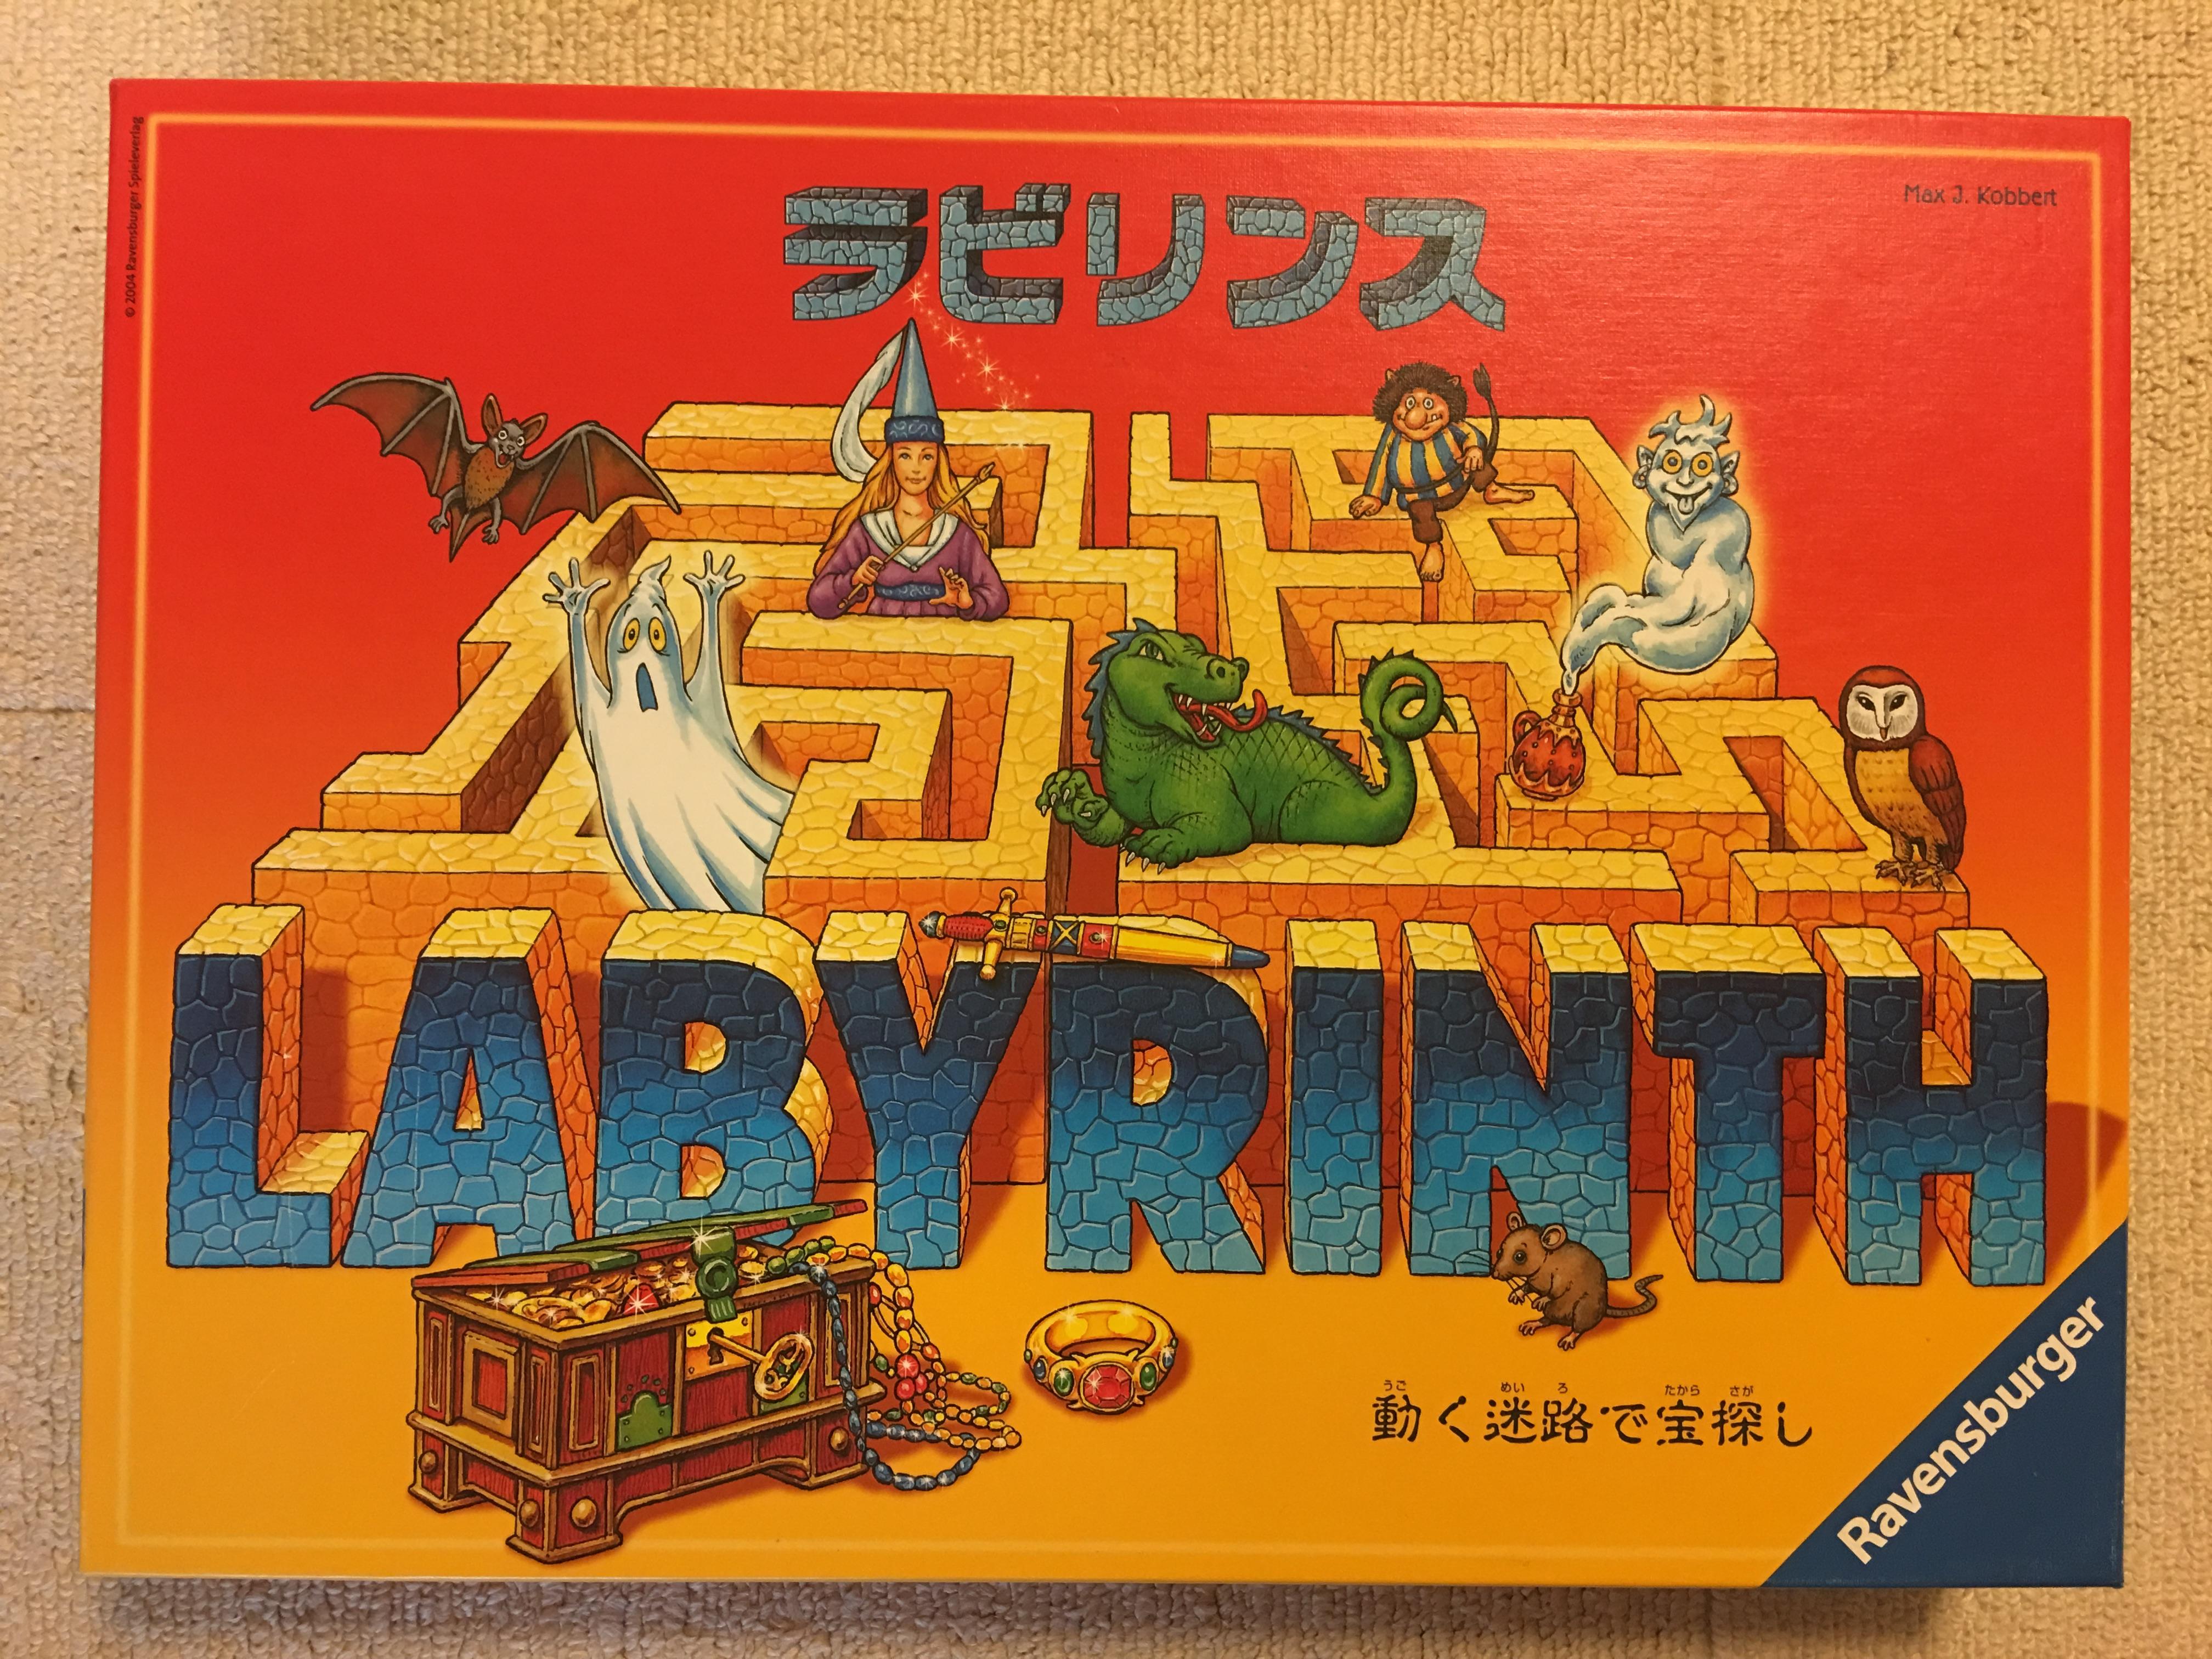 ボードゲーム「ラビリンス」 パッケージ